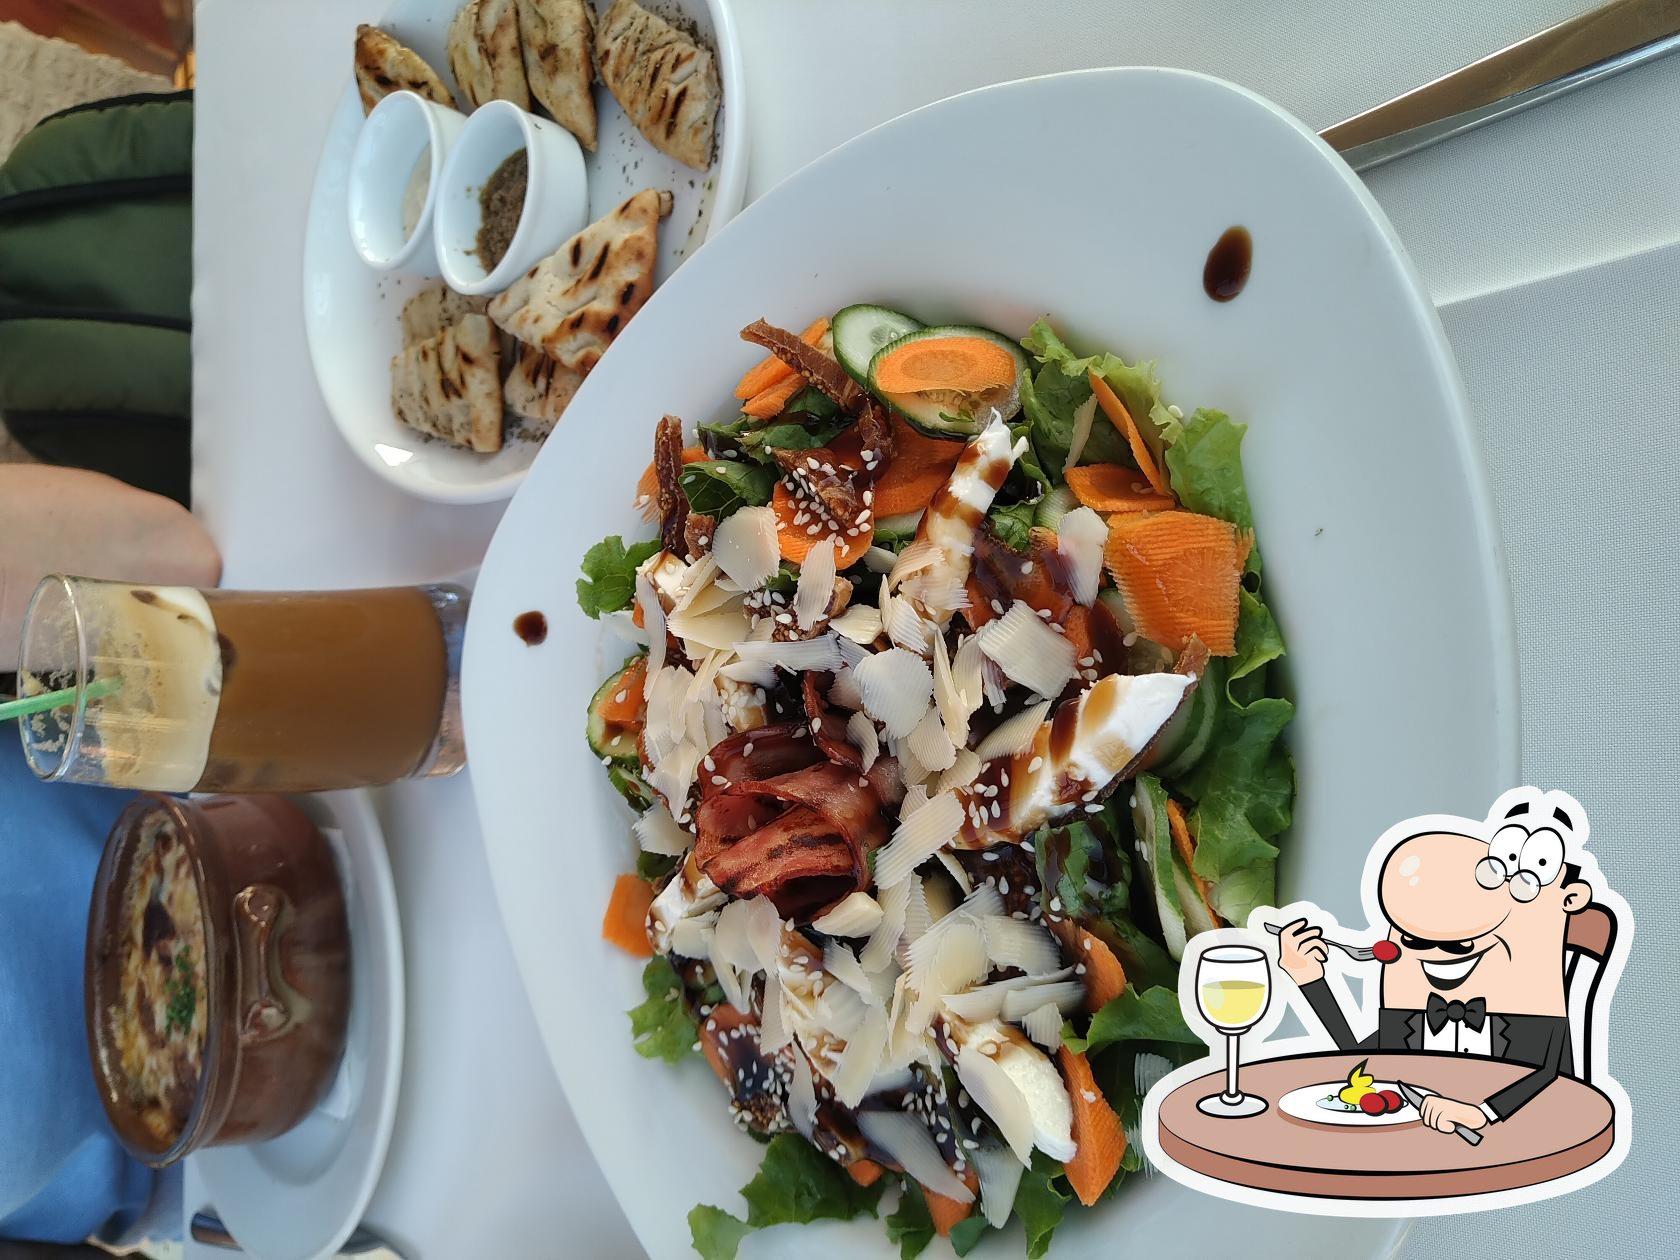 Meals at La Veranda